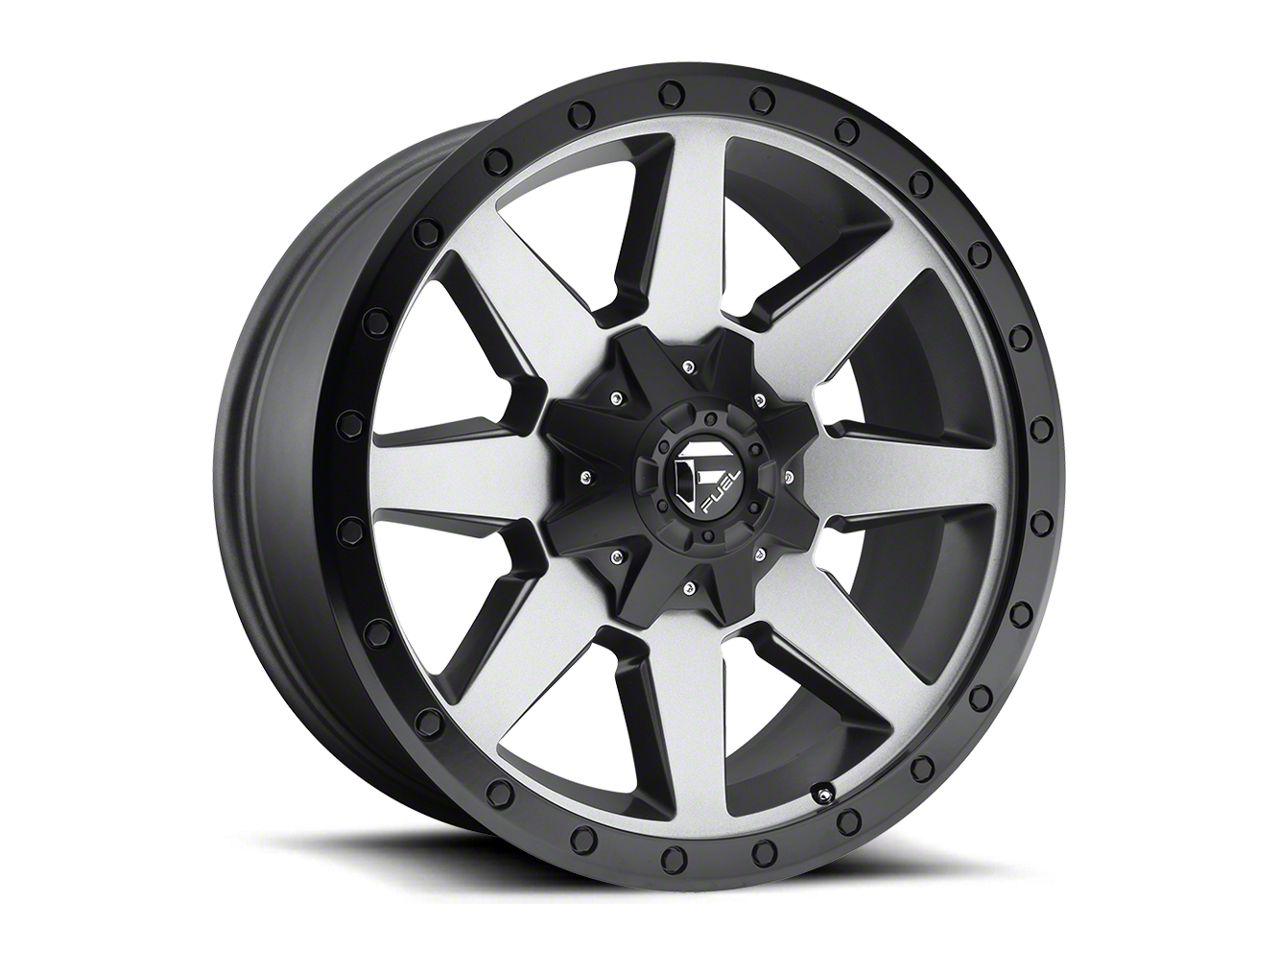 Fuel Wheels Wildcat Gun Metal 6-Lug Wheel - 20x9 (99-18 Silverado 1500)